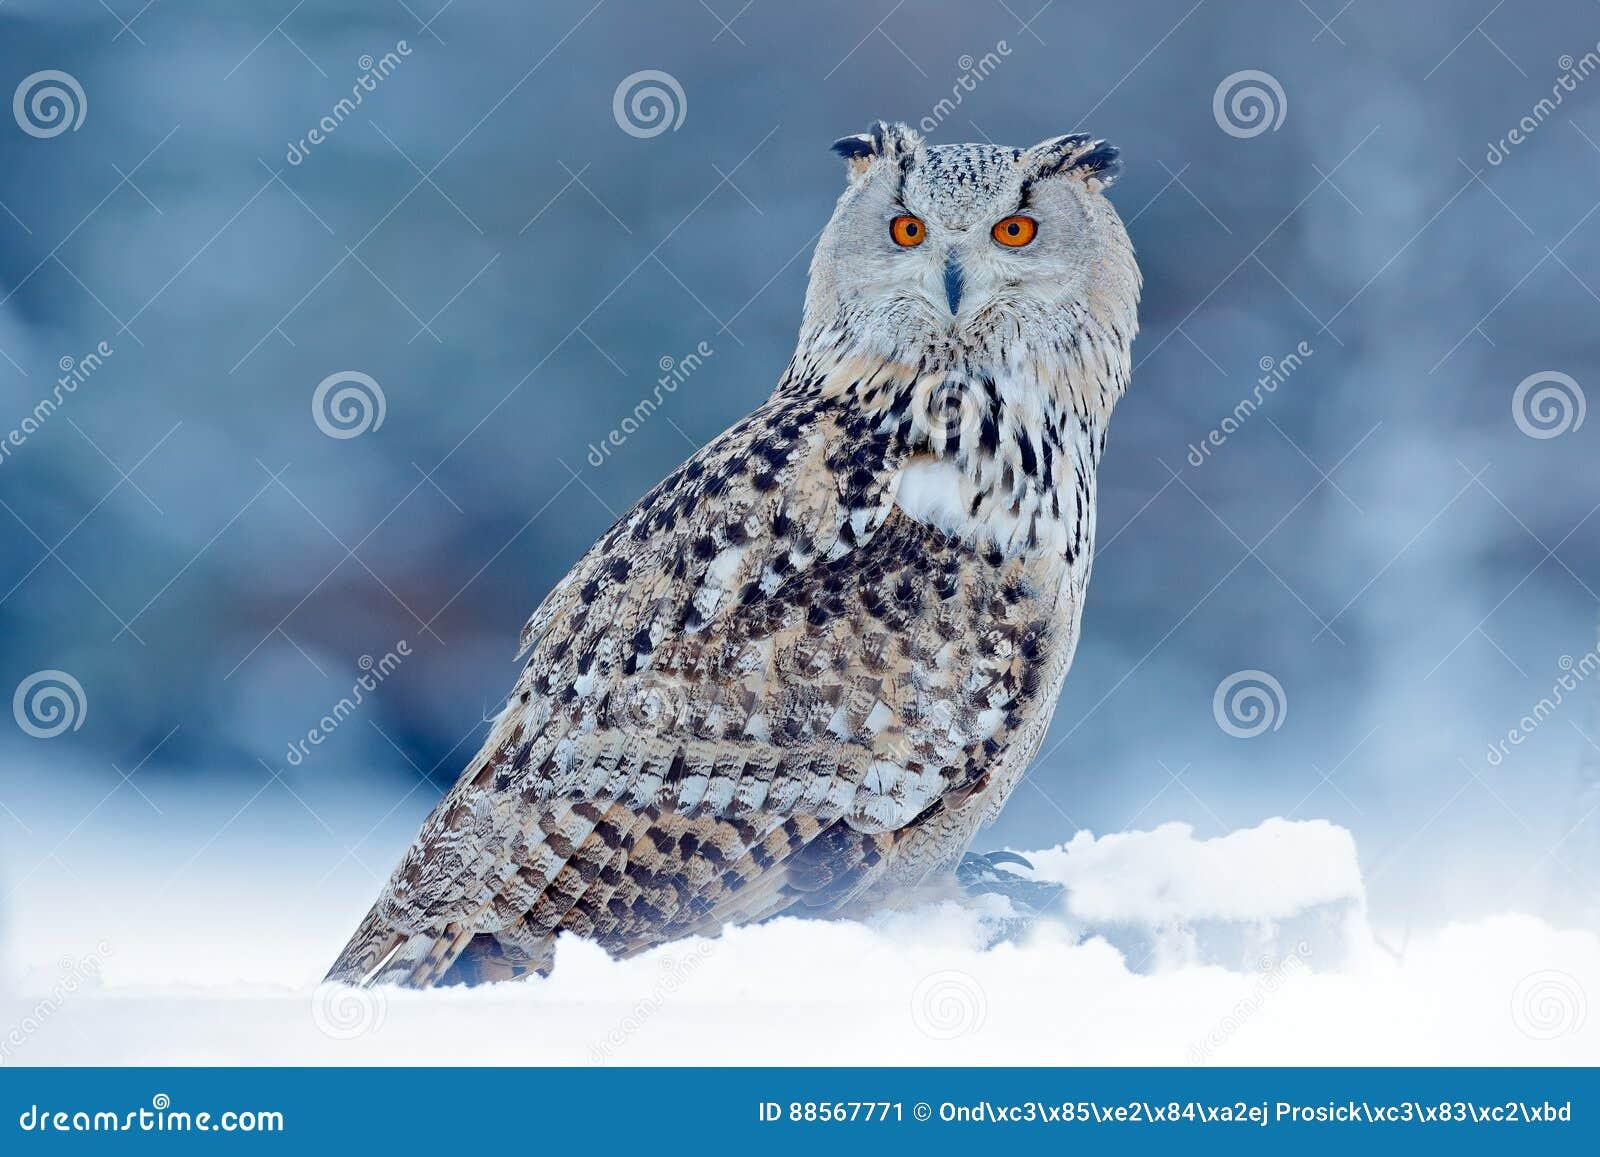 Kalter Winter mit seltenem Vogel Großer Ostsibirier Eagle Owl, Bubo Bubo sibiricus, sitzend auf kleinem Hügel mit Schnee in der W